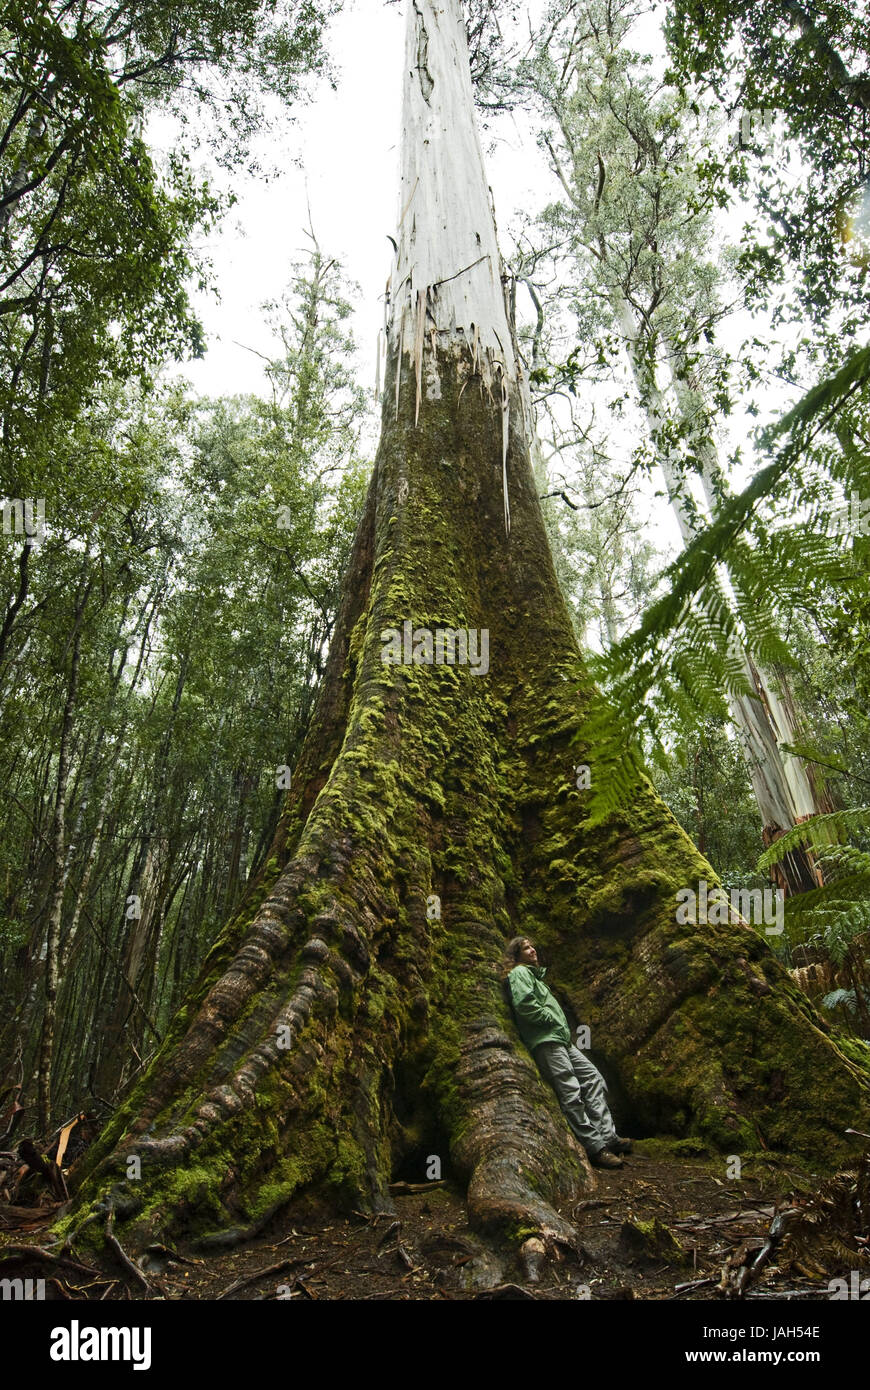 Australia,Tasmania,trees,tree giants,broad-leaved trees,Eucalyptus,Swamp Gums,Mount Field Nationwide park, - Stock Image